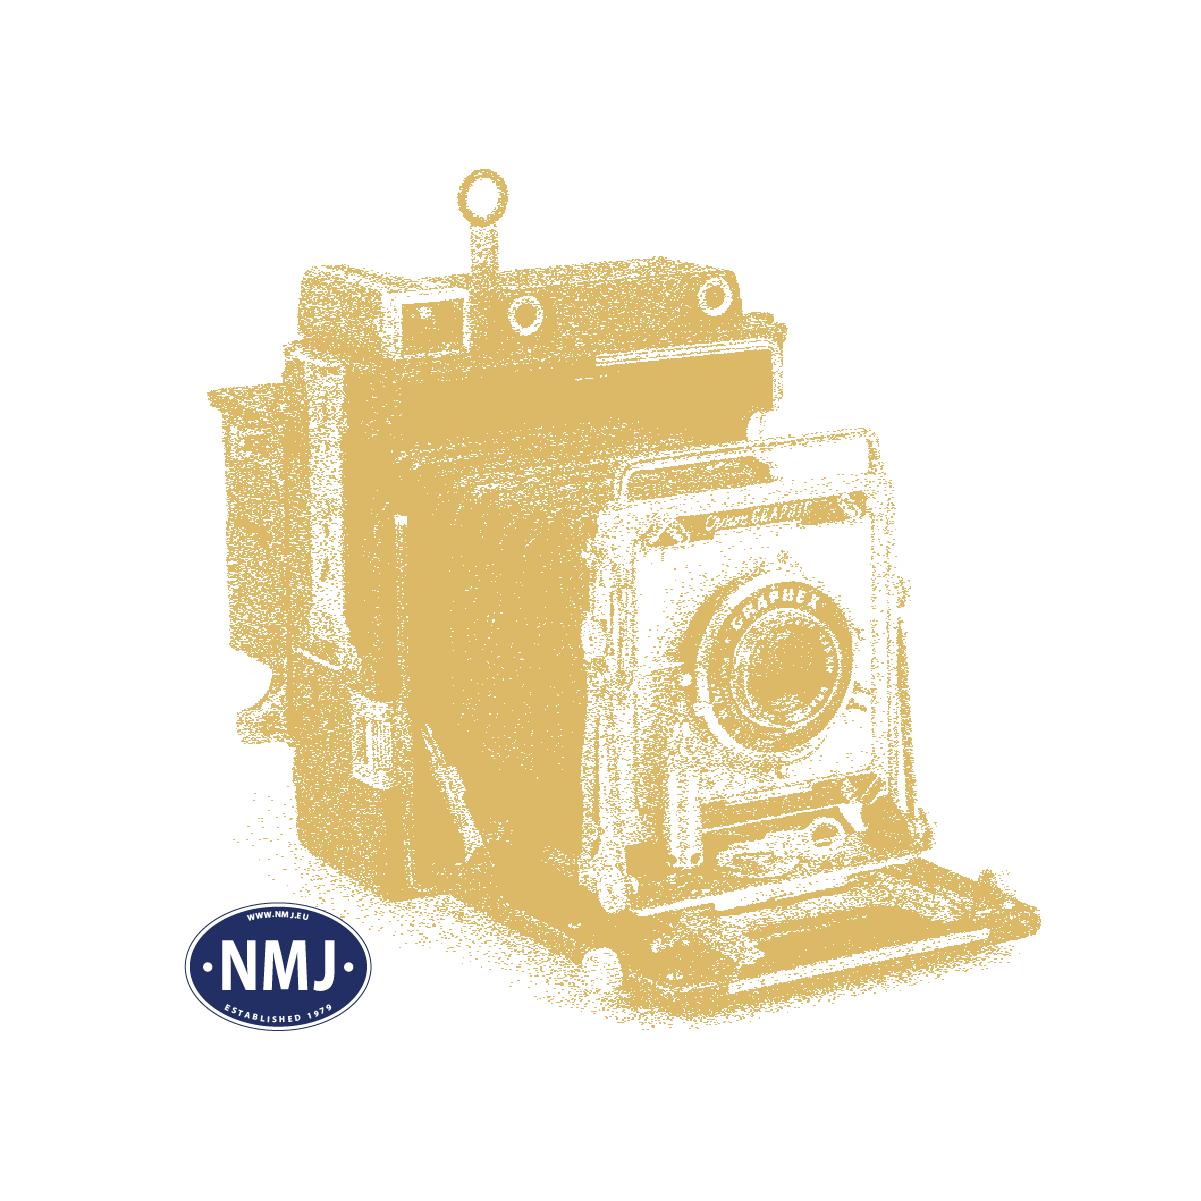 NMJS L4 50191 - NMJ Superline NSB L4 50191, original version from 1936.